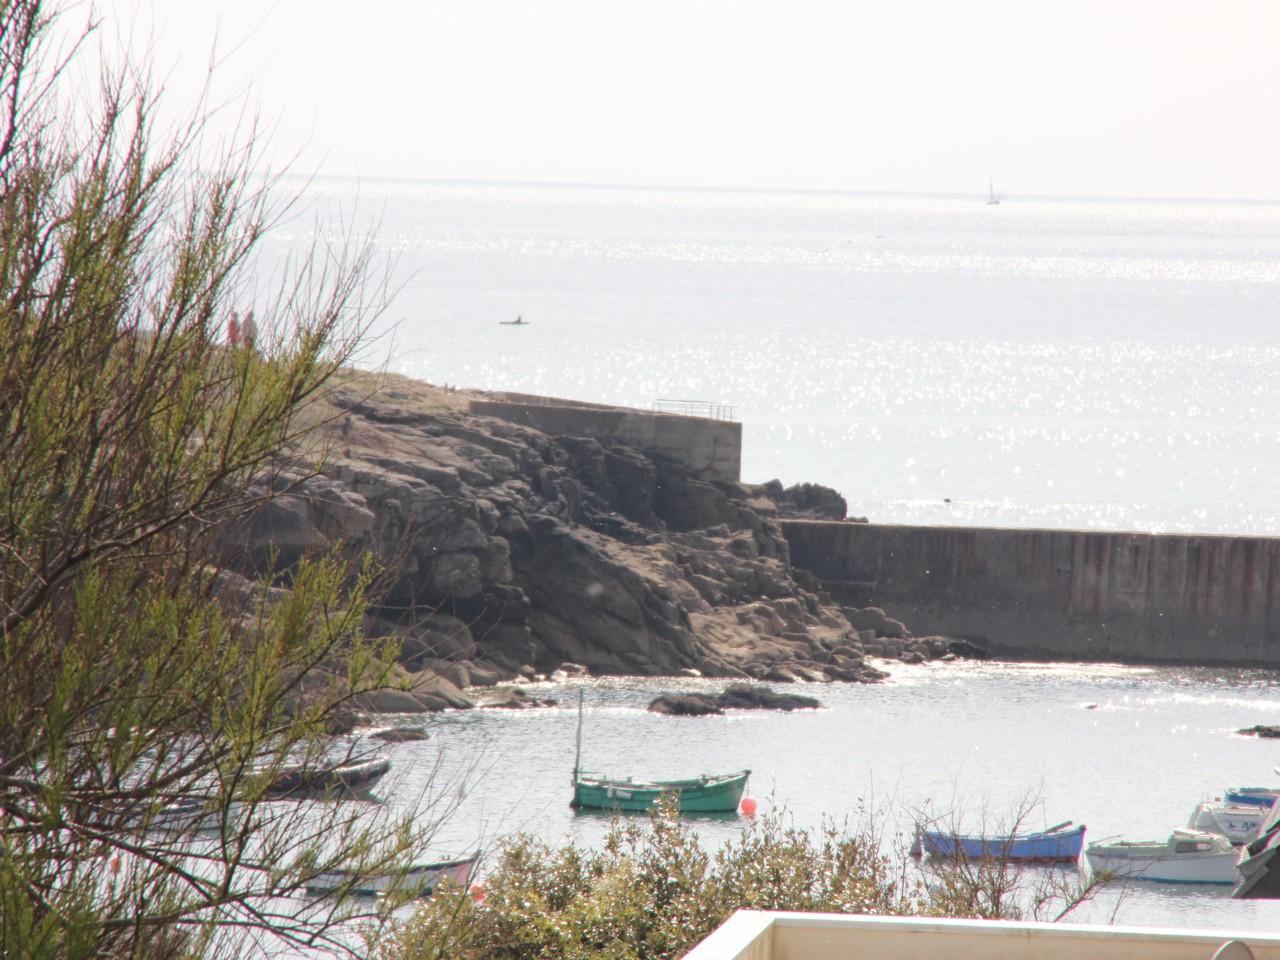 Maison Vacances Ploemeur Location 4 Personnes Karine Rupin